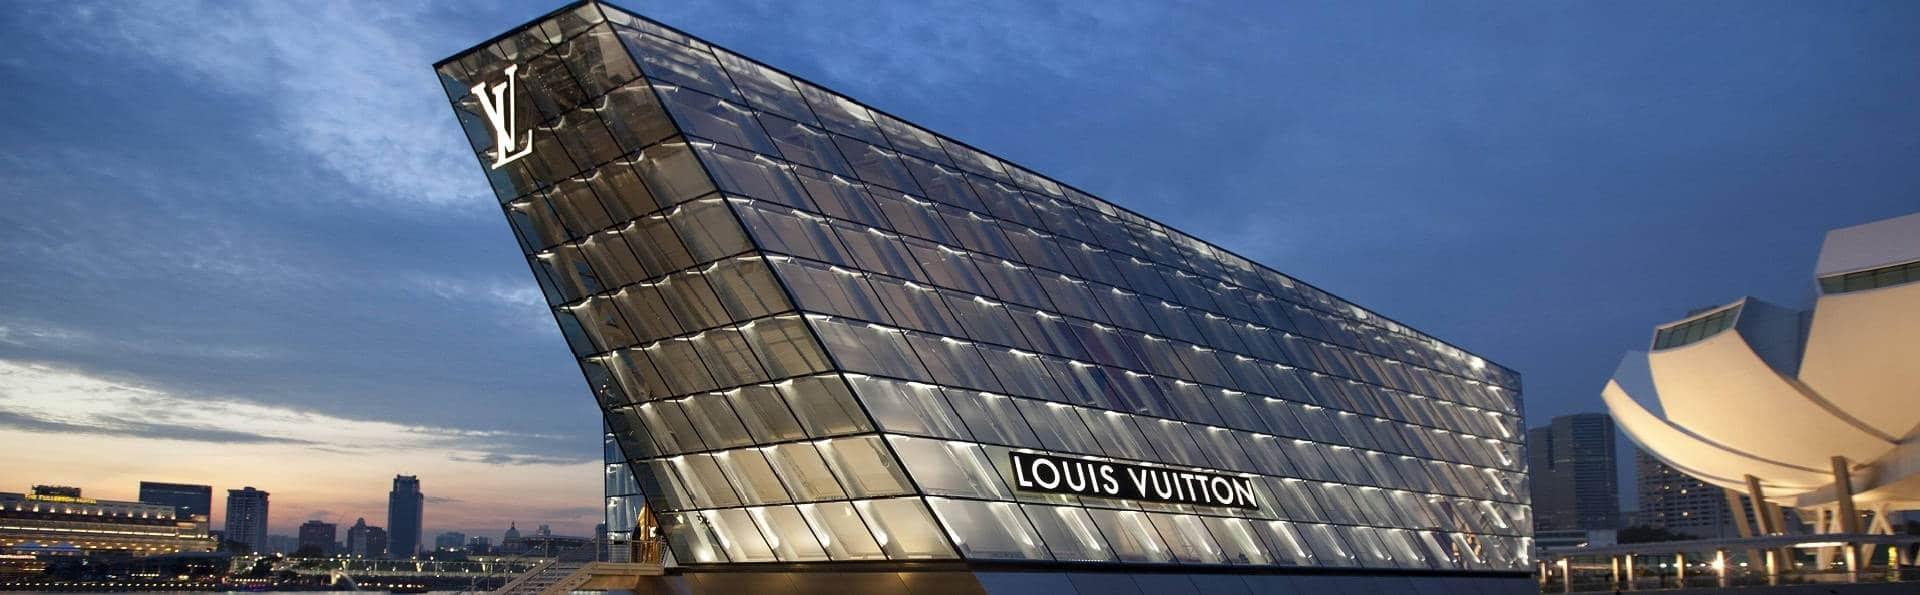 Louis Vuitton inaugure l'Island Maison à Singapour